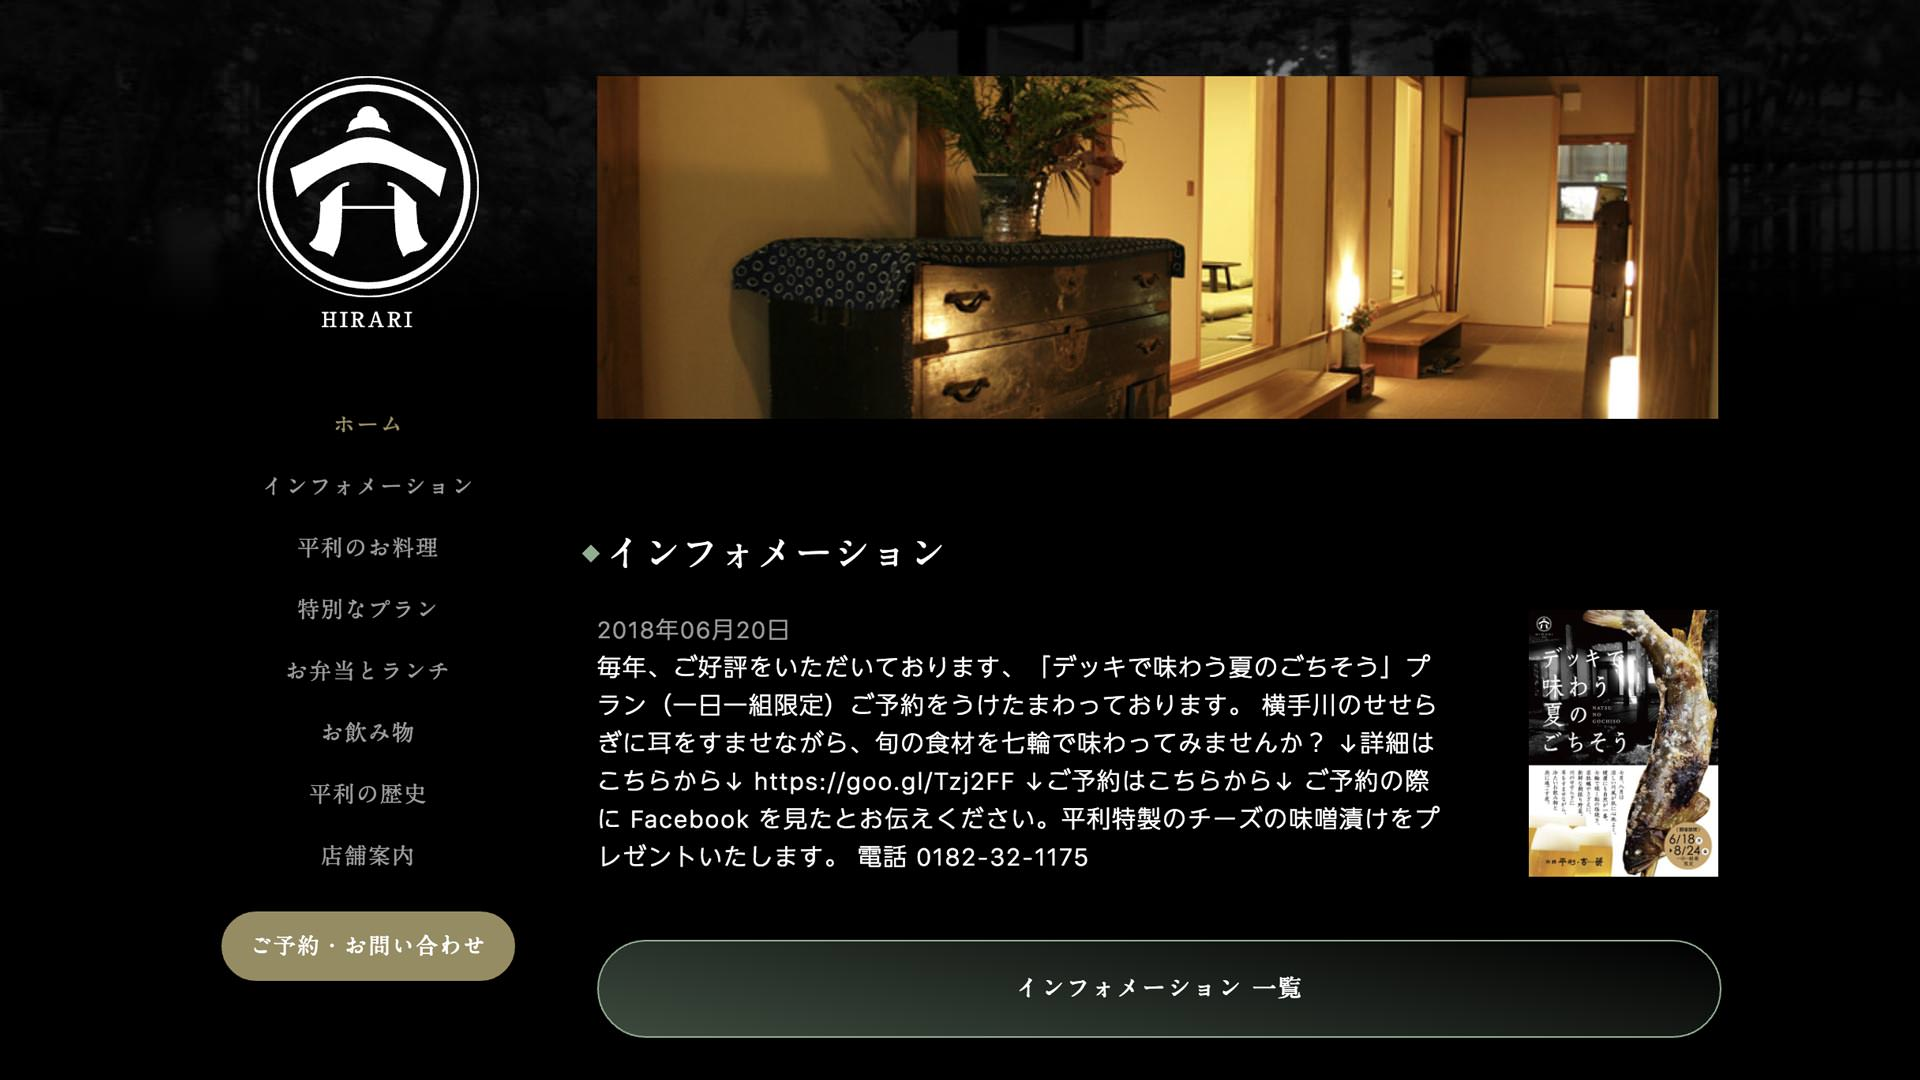 旅館平利・吉藏様のサイトイメージ